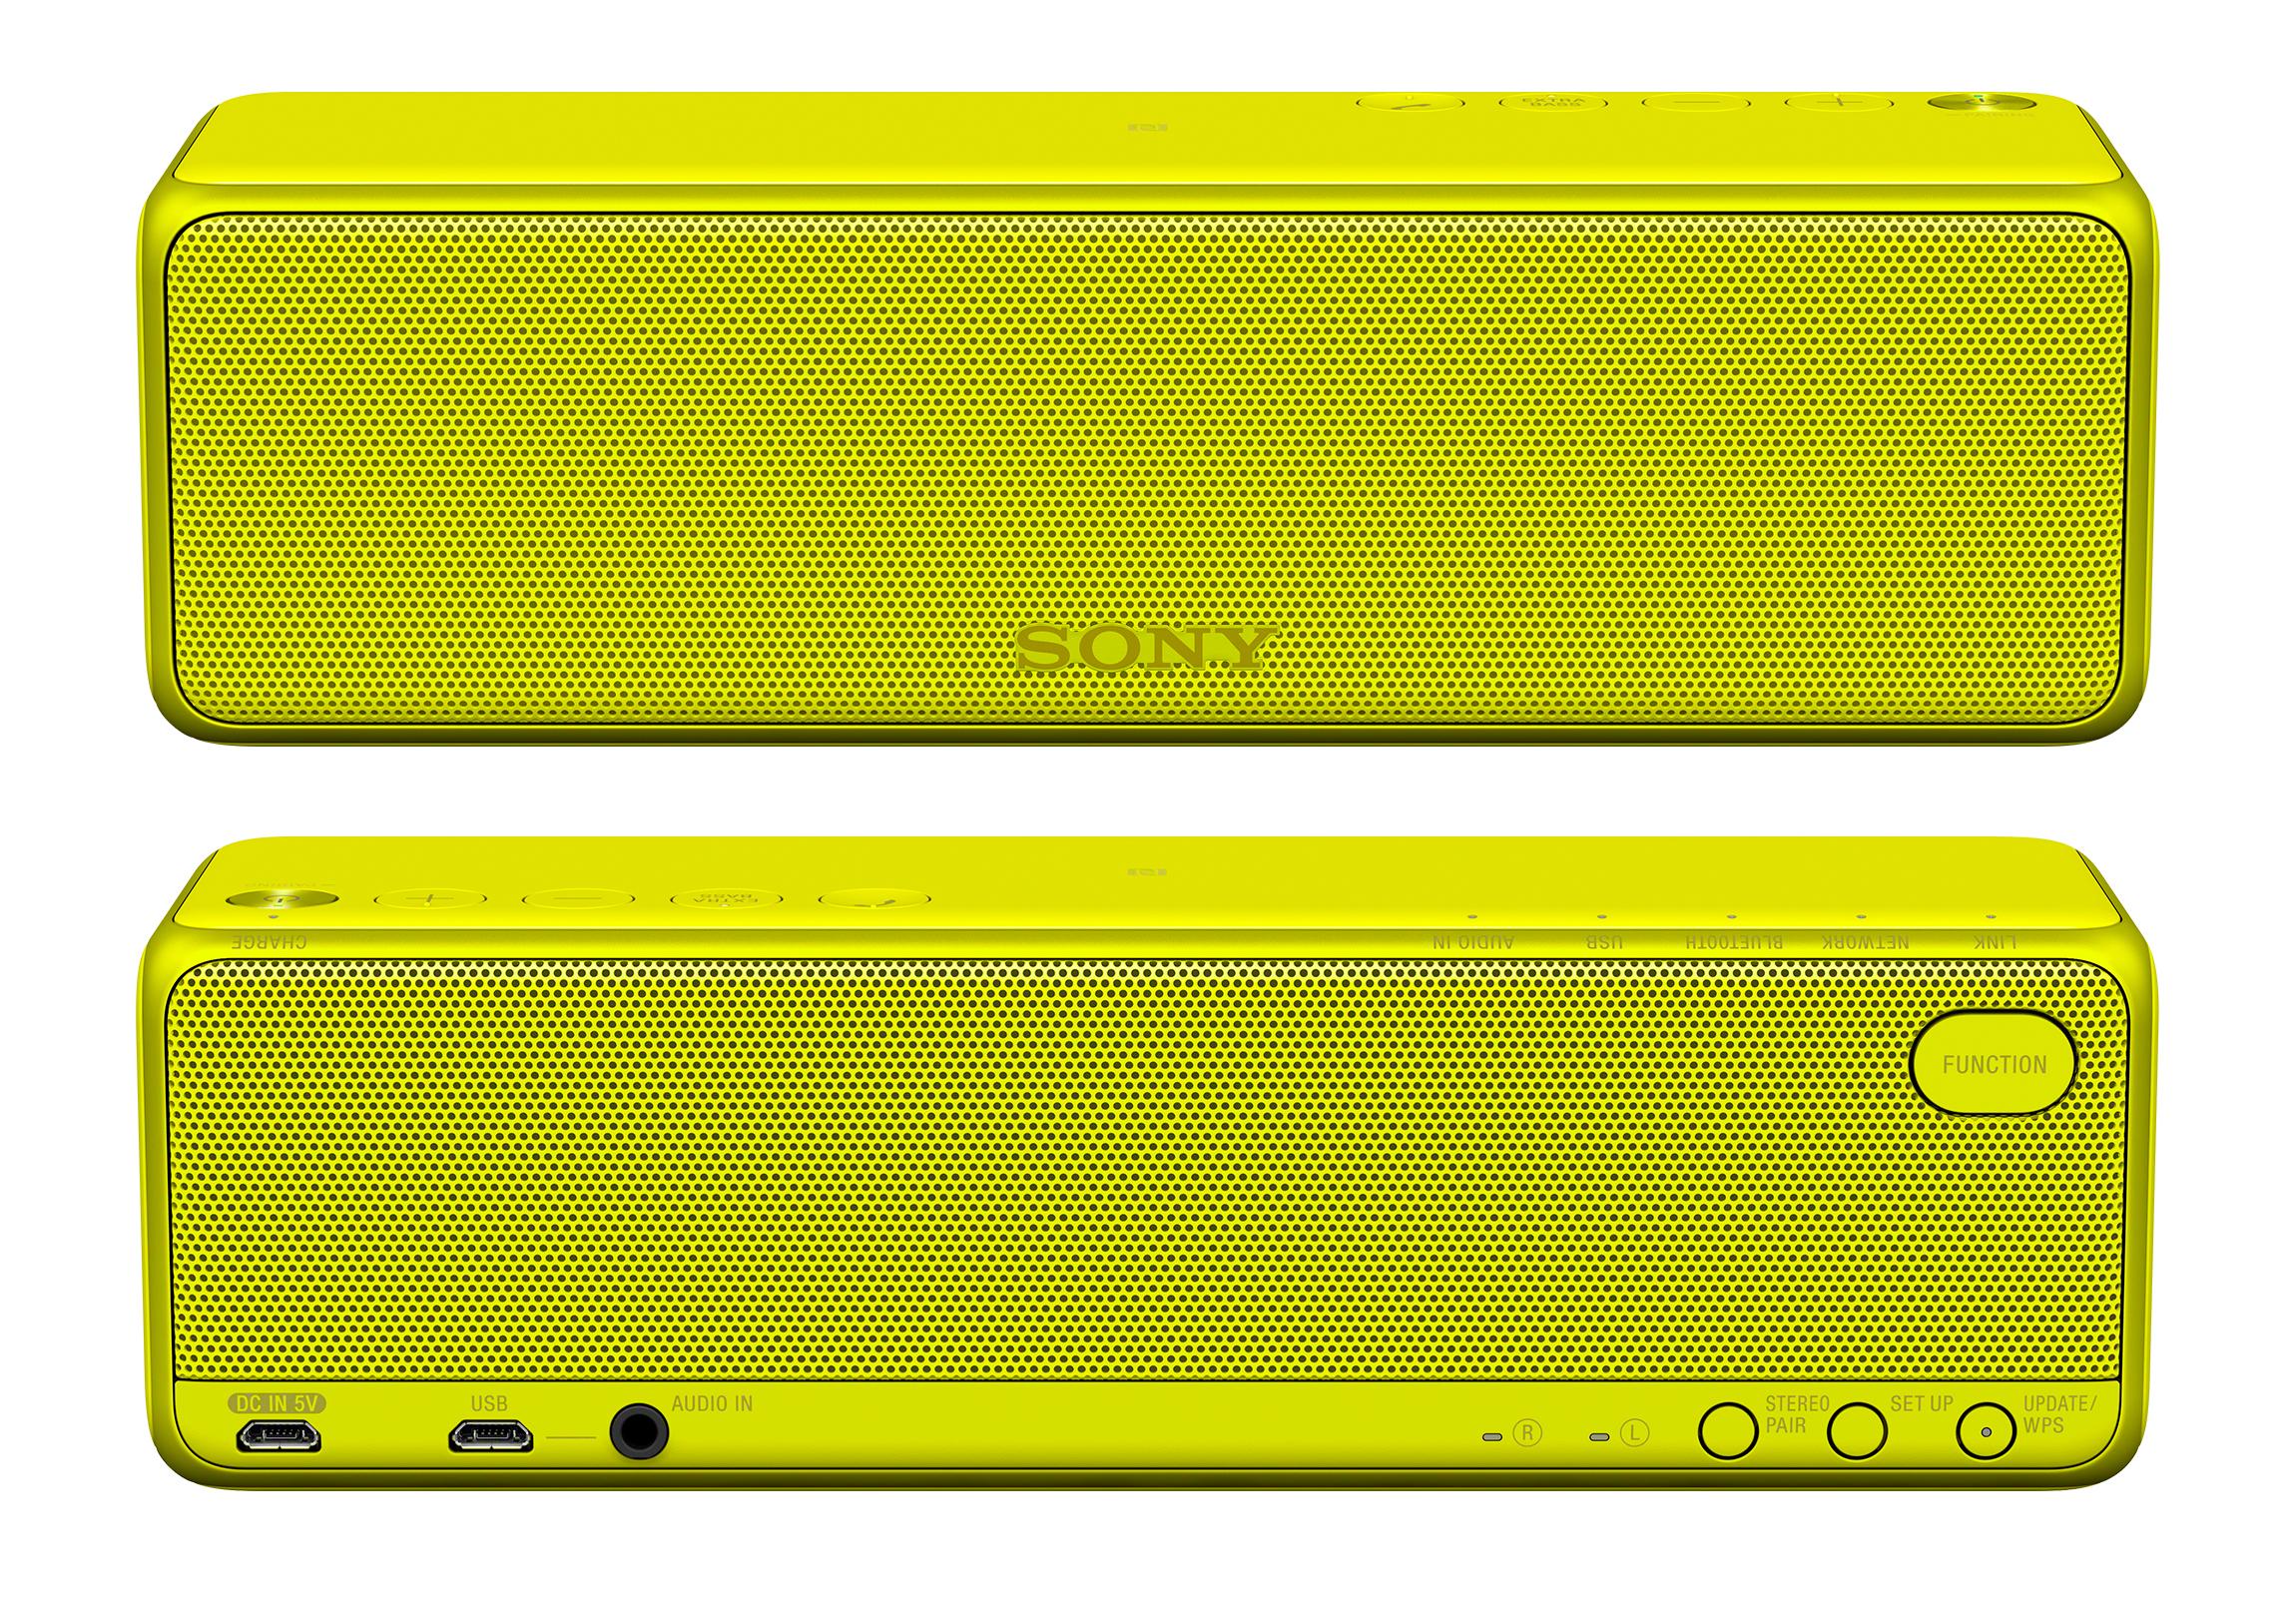 sony-srs-hg1-portable-wireless-speaker.jpg